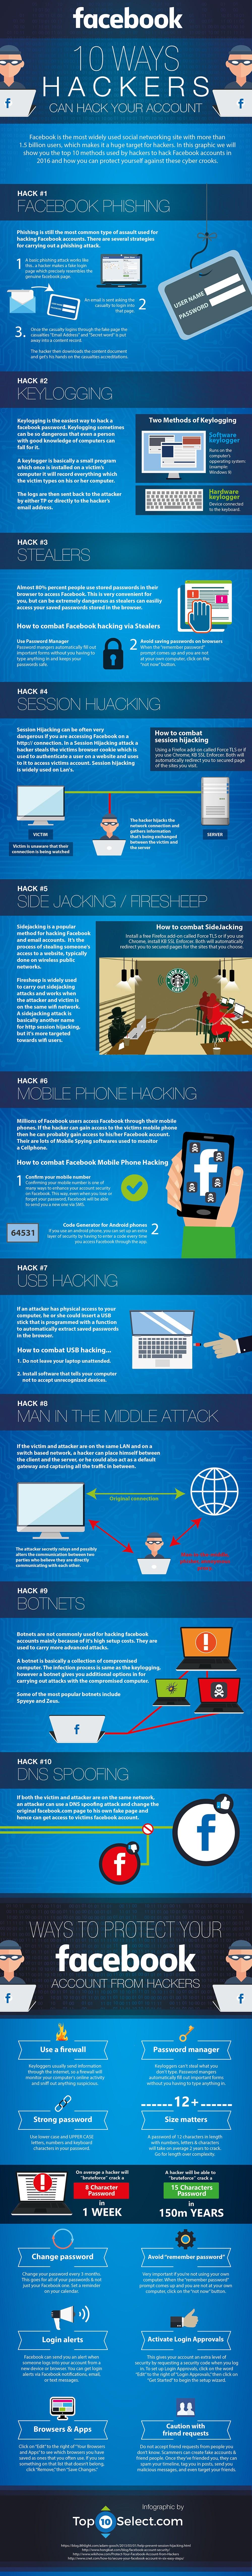 10 maneras en que los hackers pueden tomar control de tu cuenta de facebook